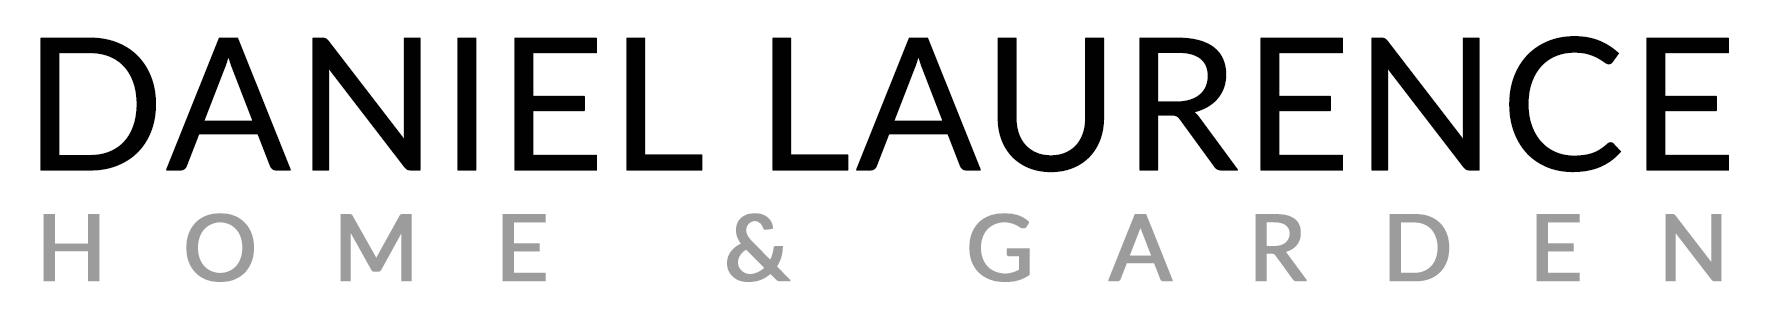 Daniel Laurence Home & Garden